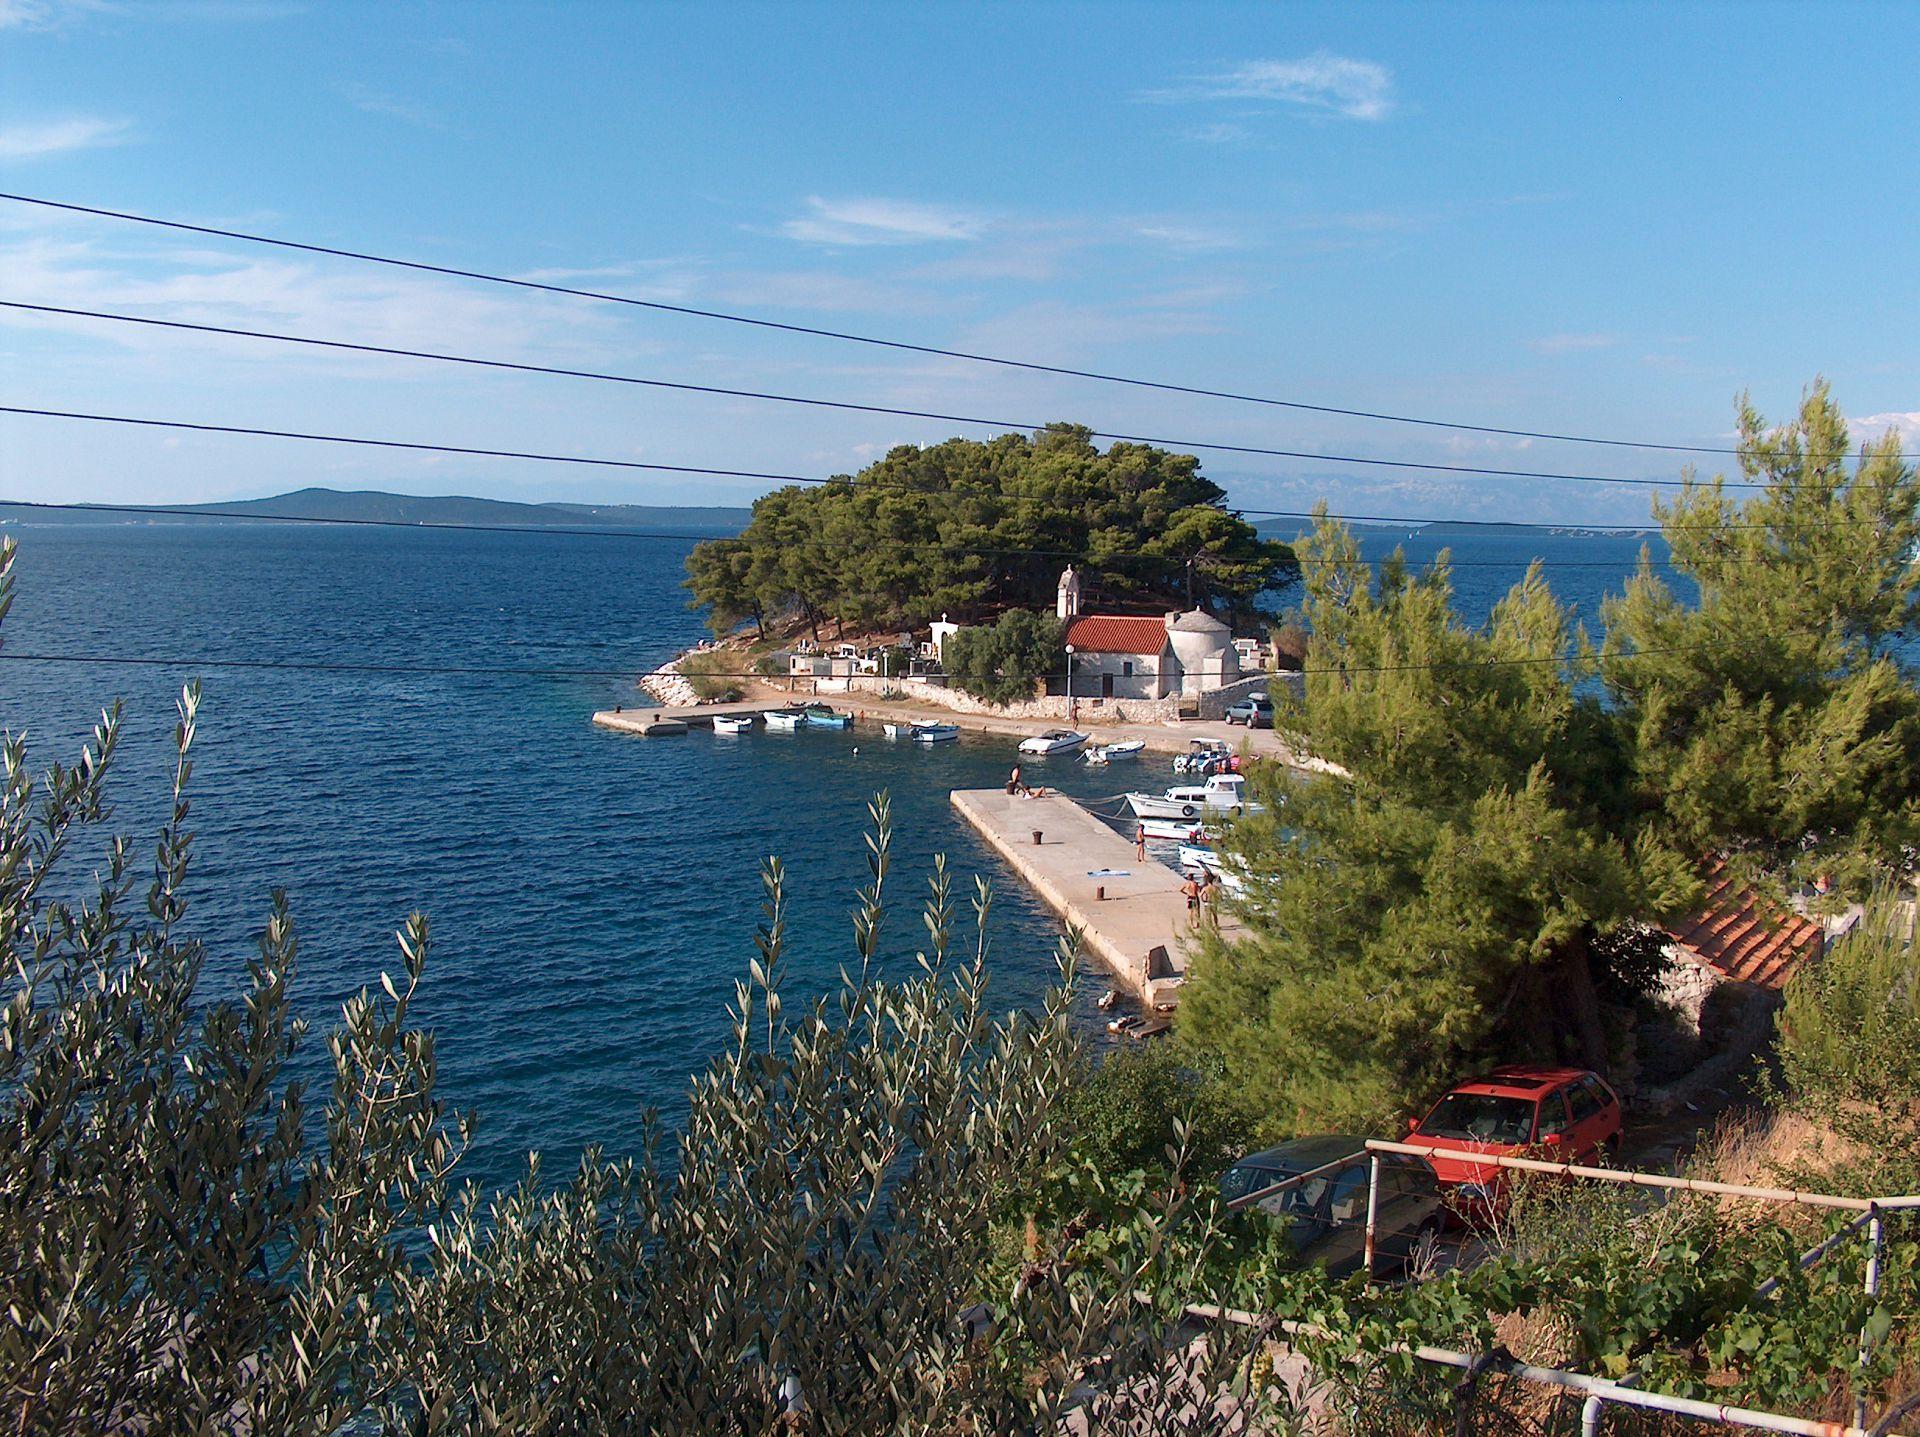 Ferienwohnung 5176 A1(6+2) - Savar (739184), Savar, Insel Dugi Otok, Dalmatien, Kroatien, Bild 5